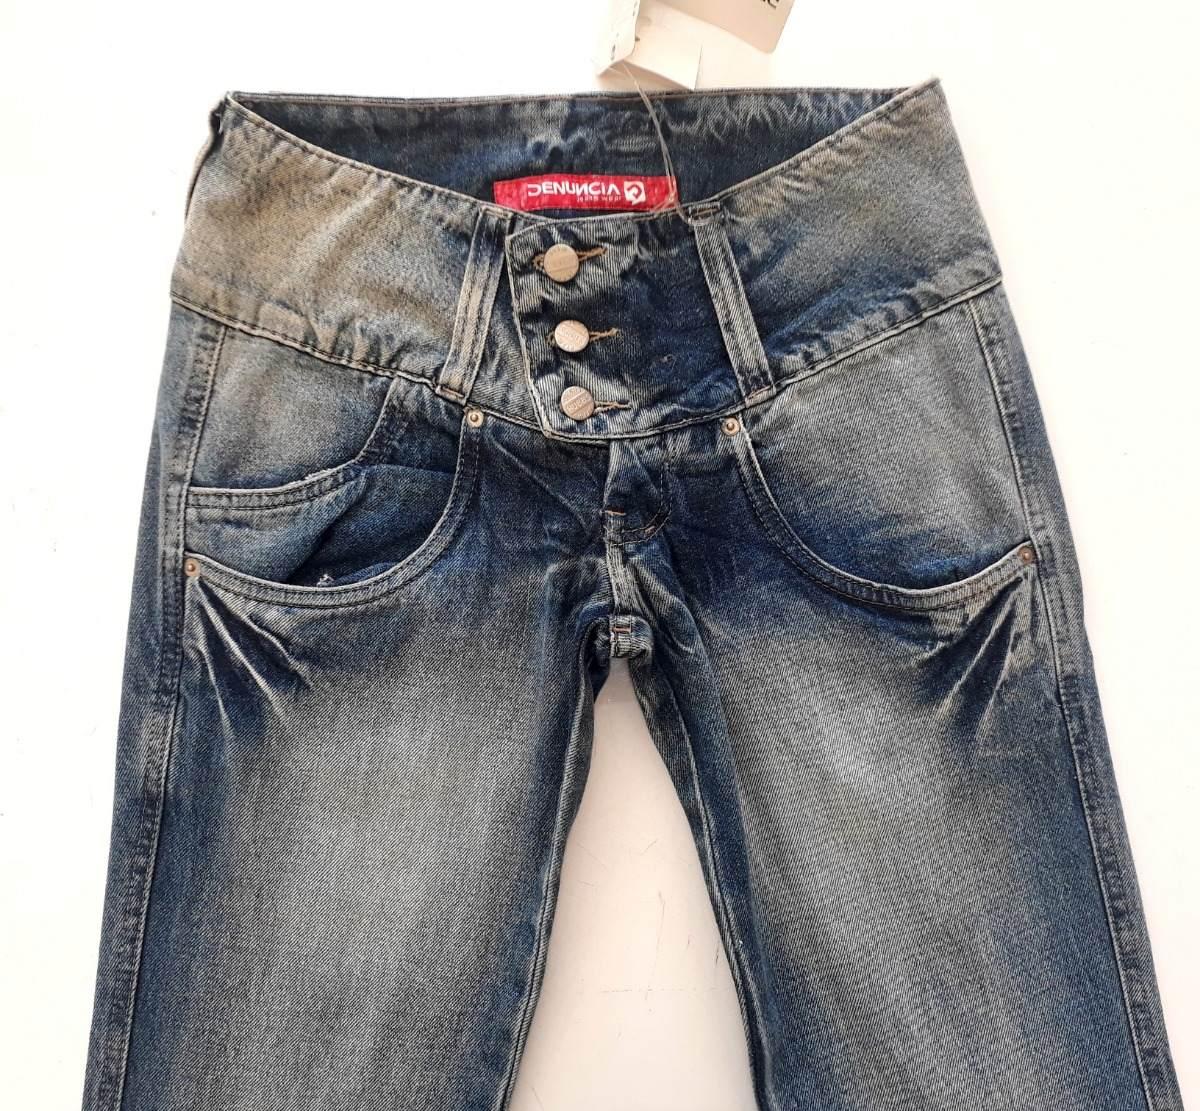 66b7fe1e0 Calça Jeans Três Botões Feminina Denuncia - R$ 94,99 em Mercado Livre